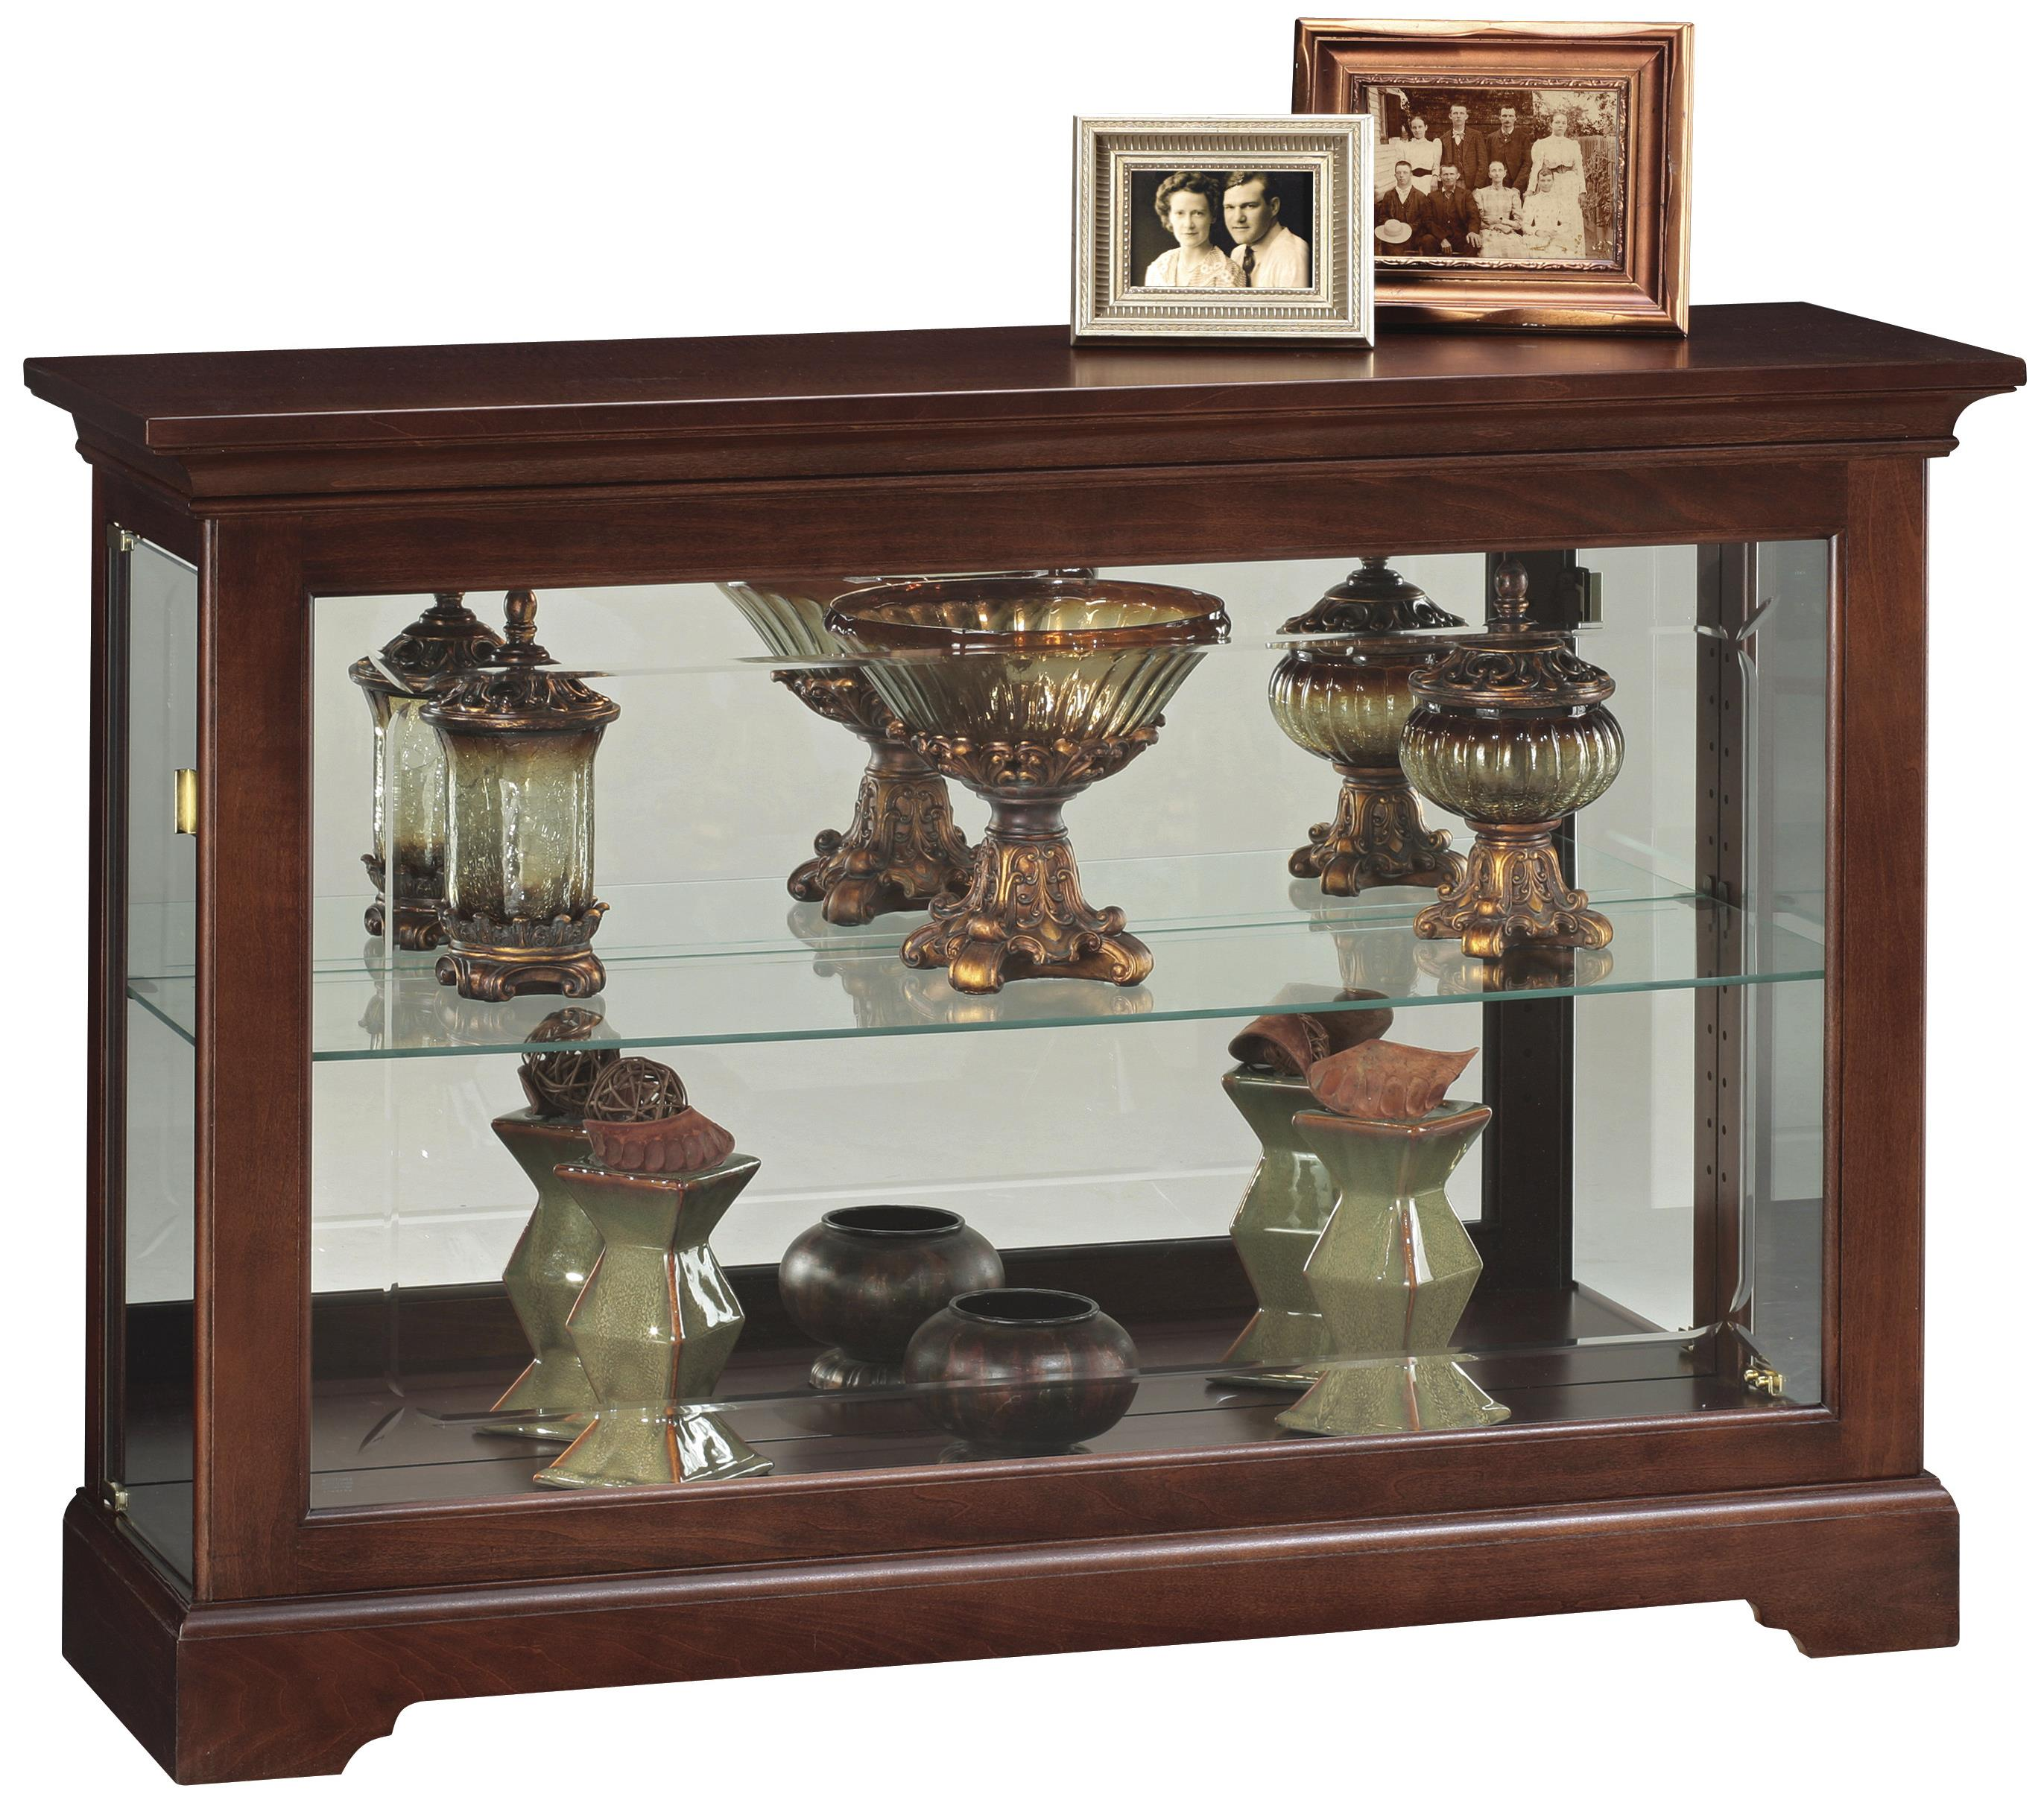 short curio cabinet with 1 glass shelf